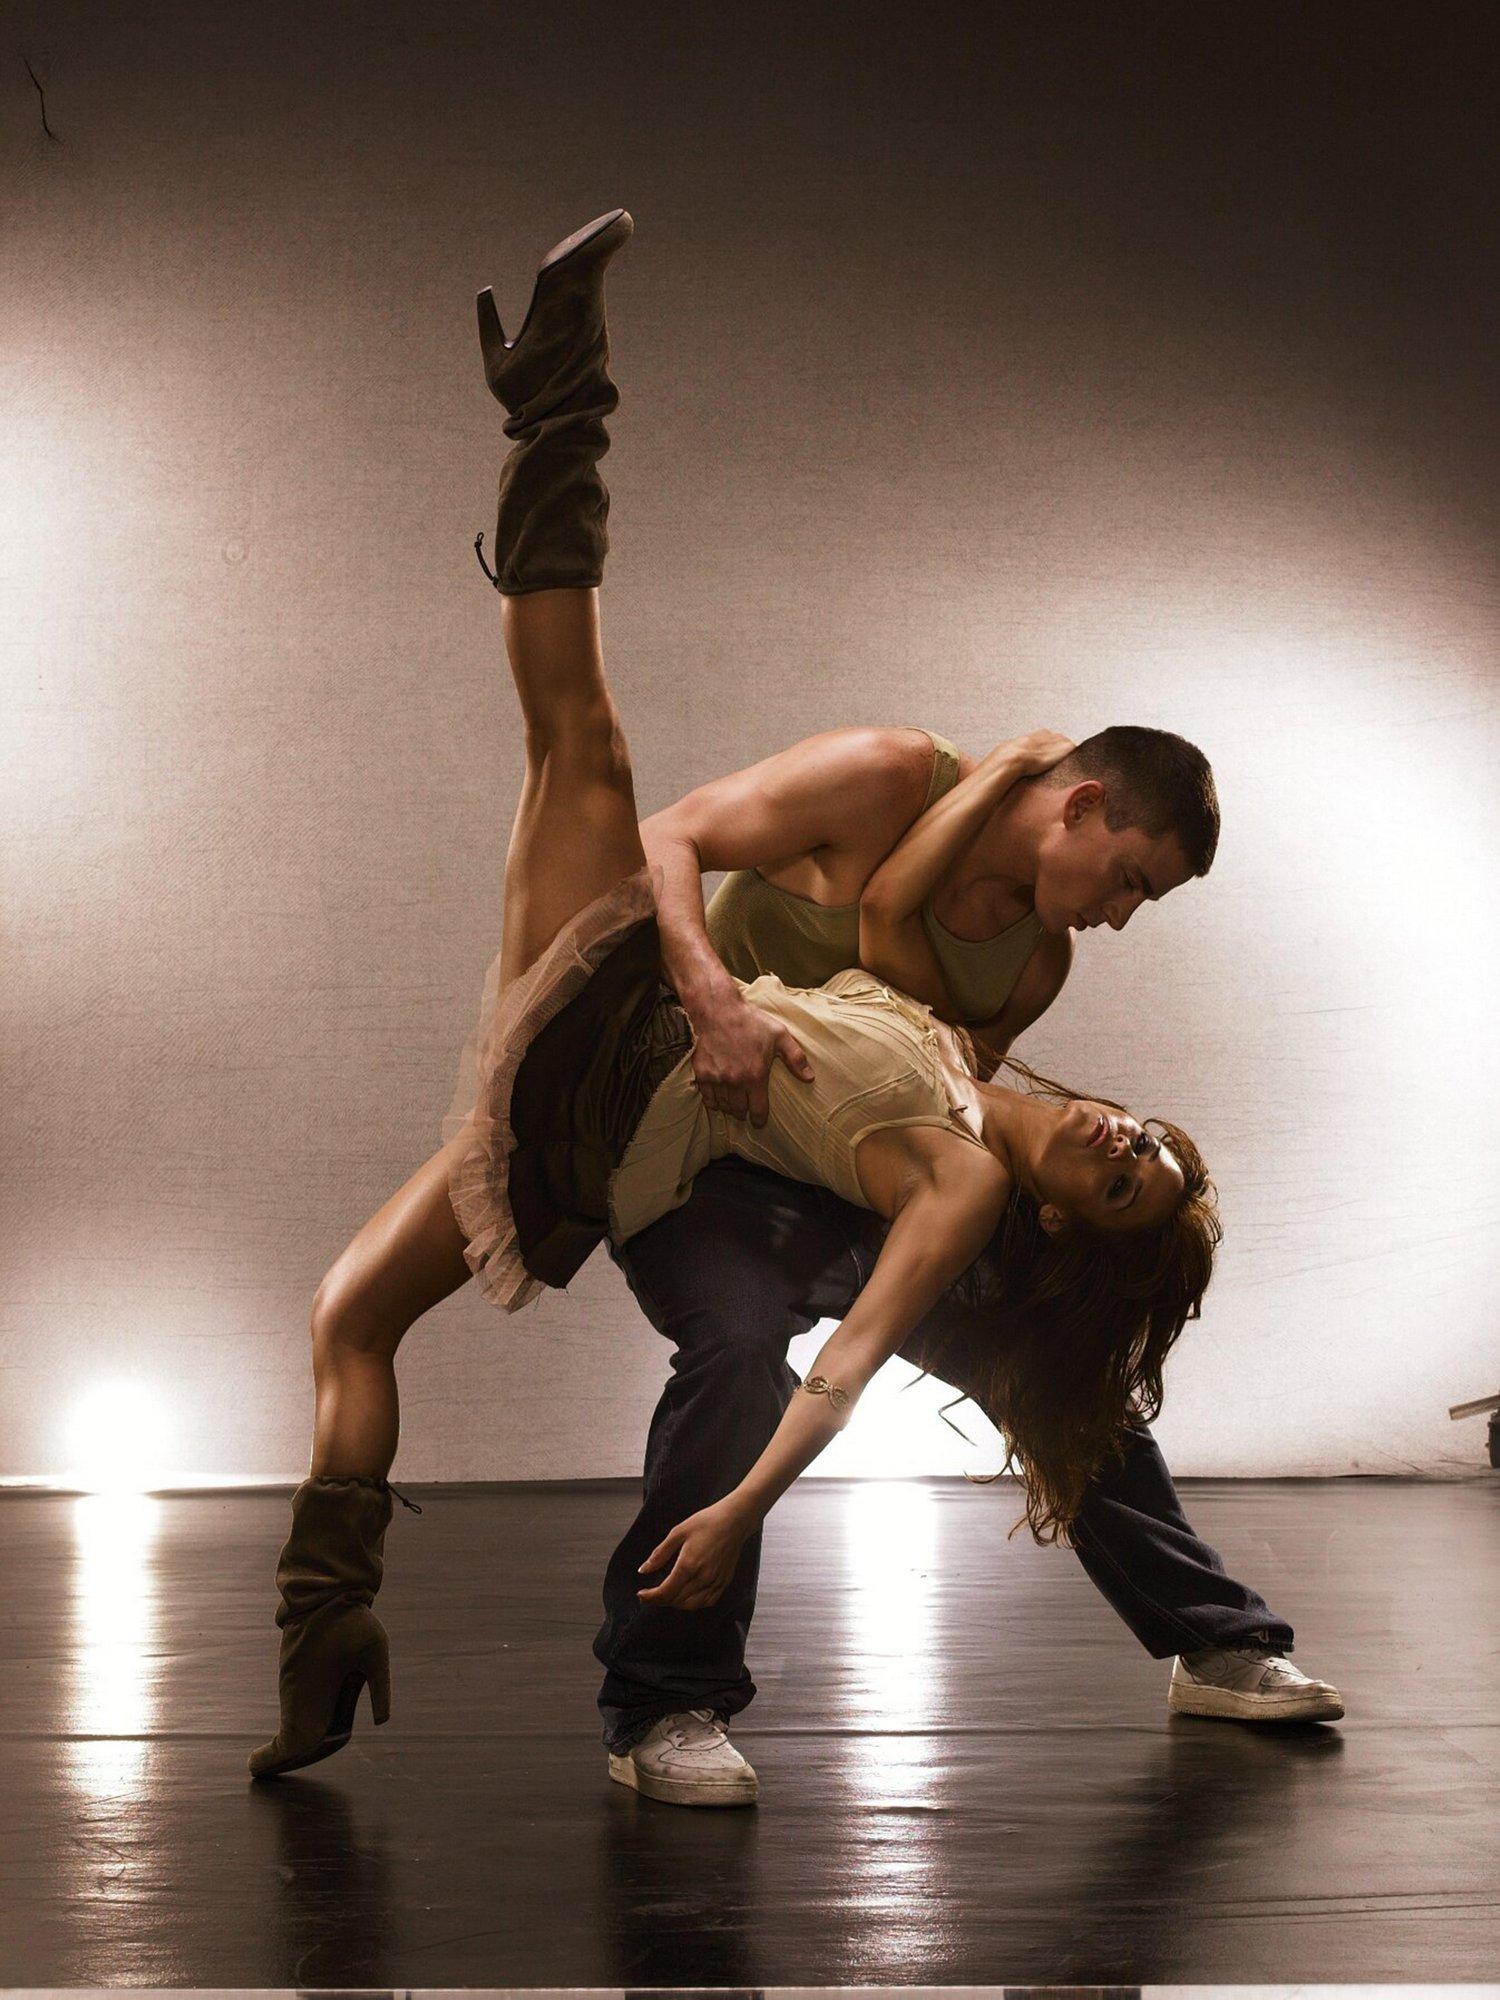 Видео танцовщицу самбо в анал смотреть онлайн фотоография